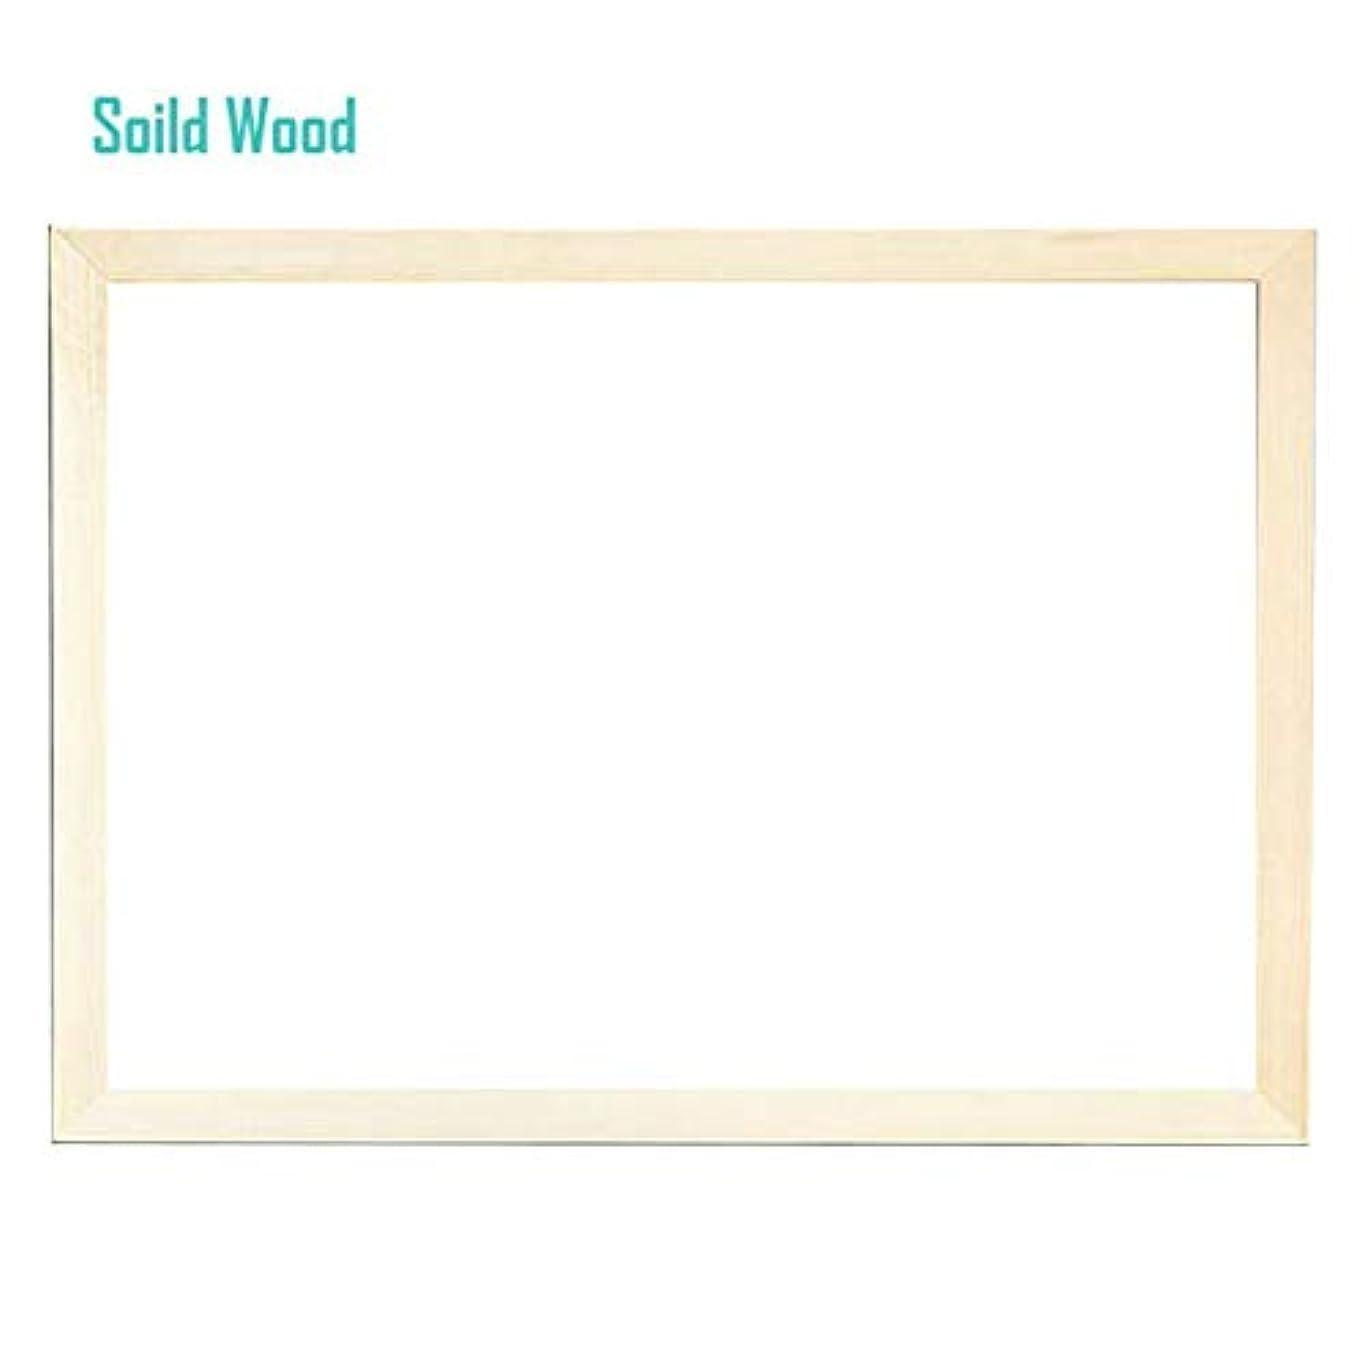 悲惨町誇張大人&子供キッズテーマジグソーパズルセット用のフレームと520のジグソージグソーパズル おもちゃ (Color : Soild wood Frame)